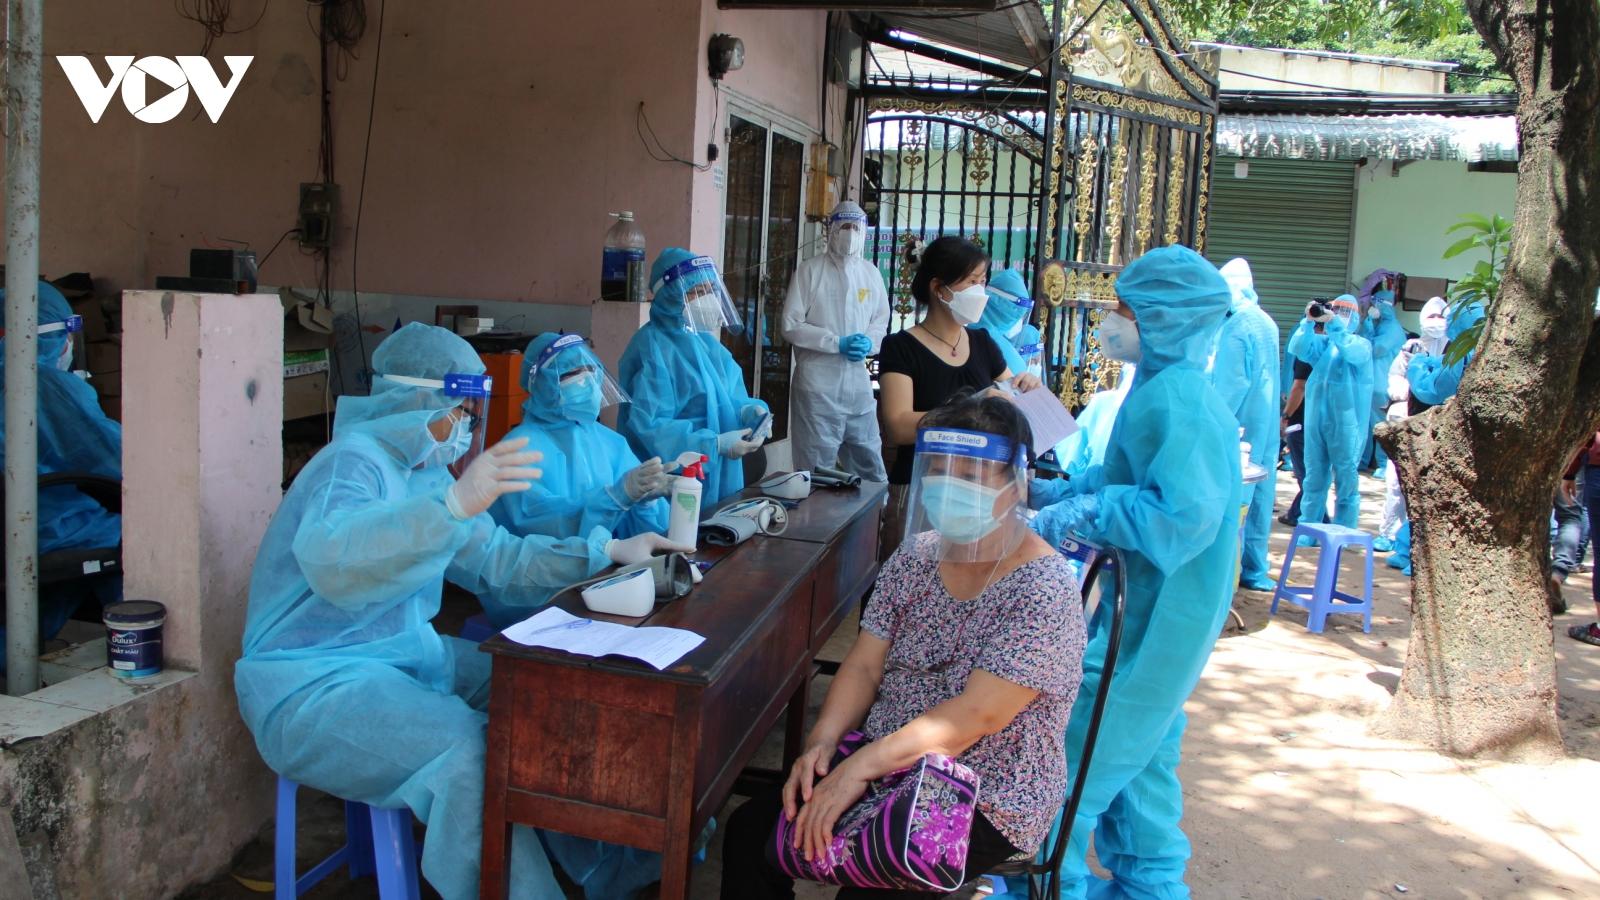 Đội tiêm lưu động của TP.HCM tiêm ngừa Covid-19 cho người dân khu vực phong toả